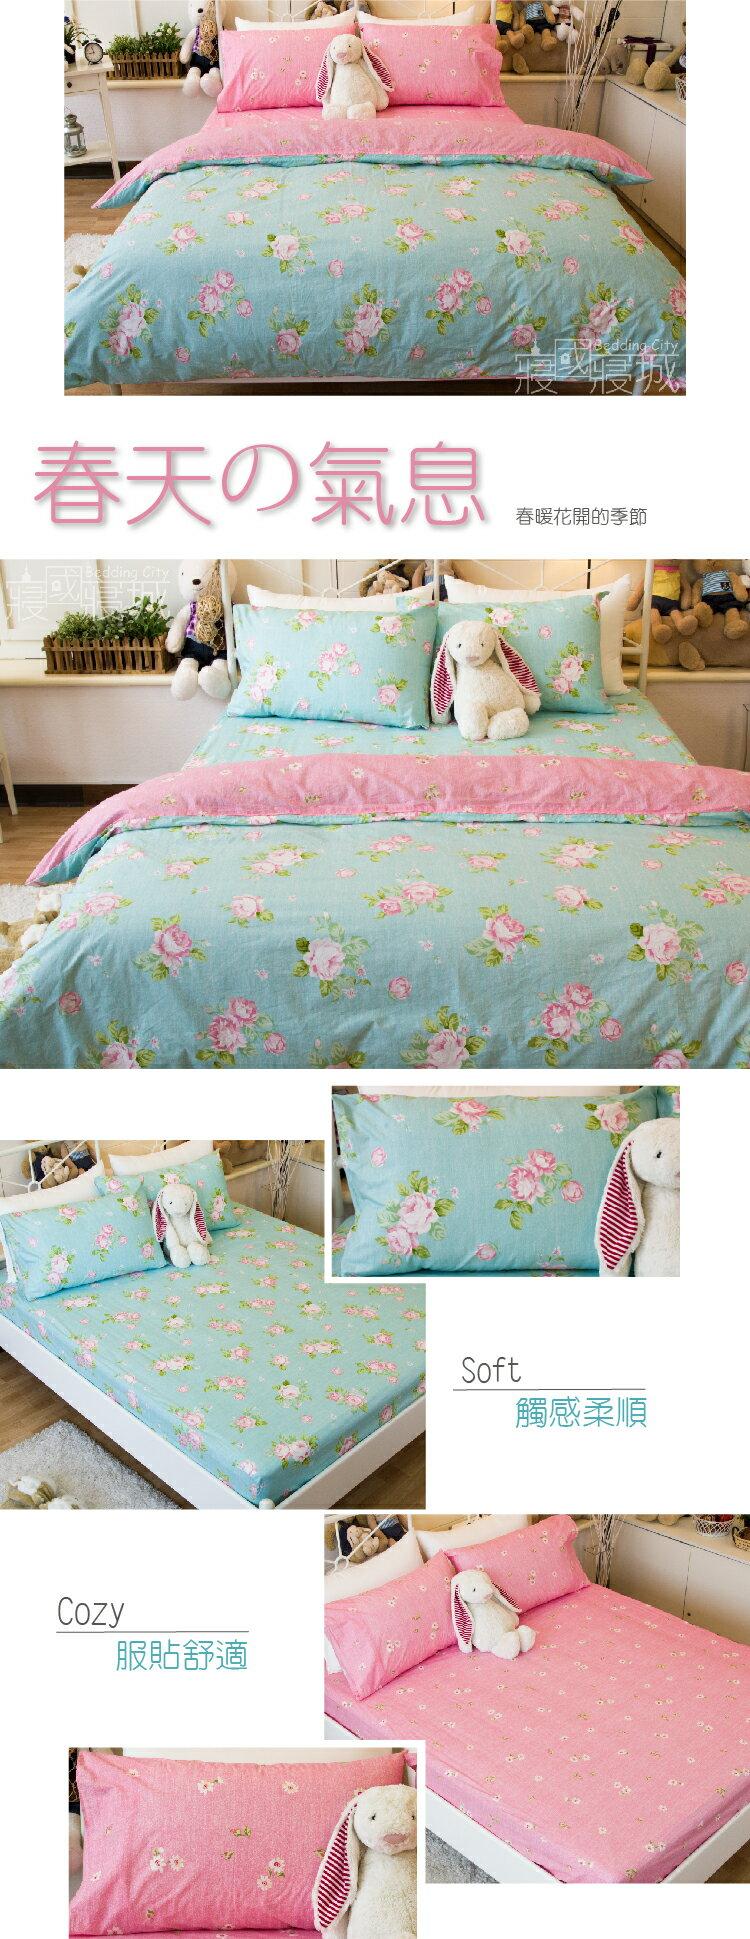 100%精梳棉-單人床包兩件組 春天的氣息#粉色小花【大鐘印染、台灣製造】#精梳純綿 1